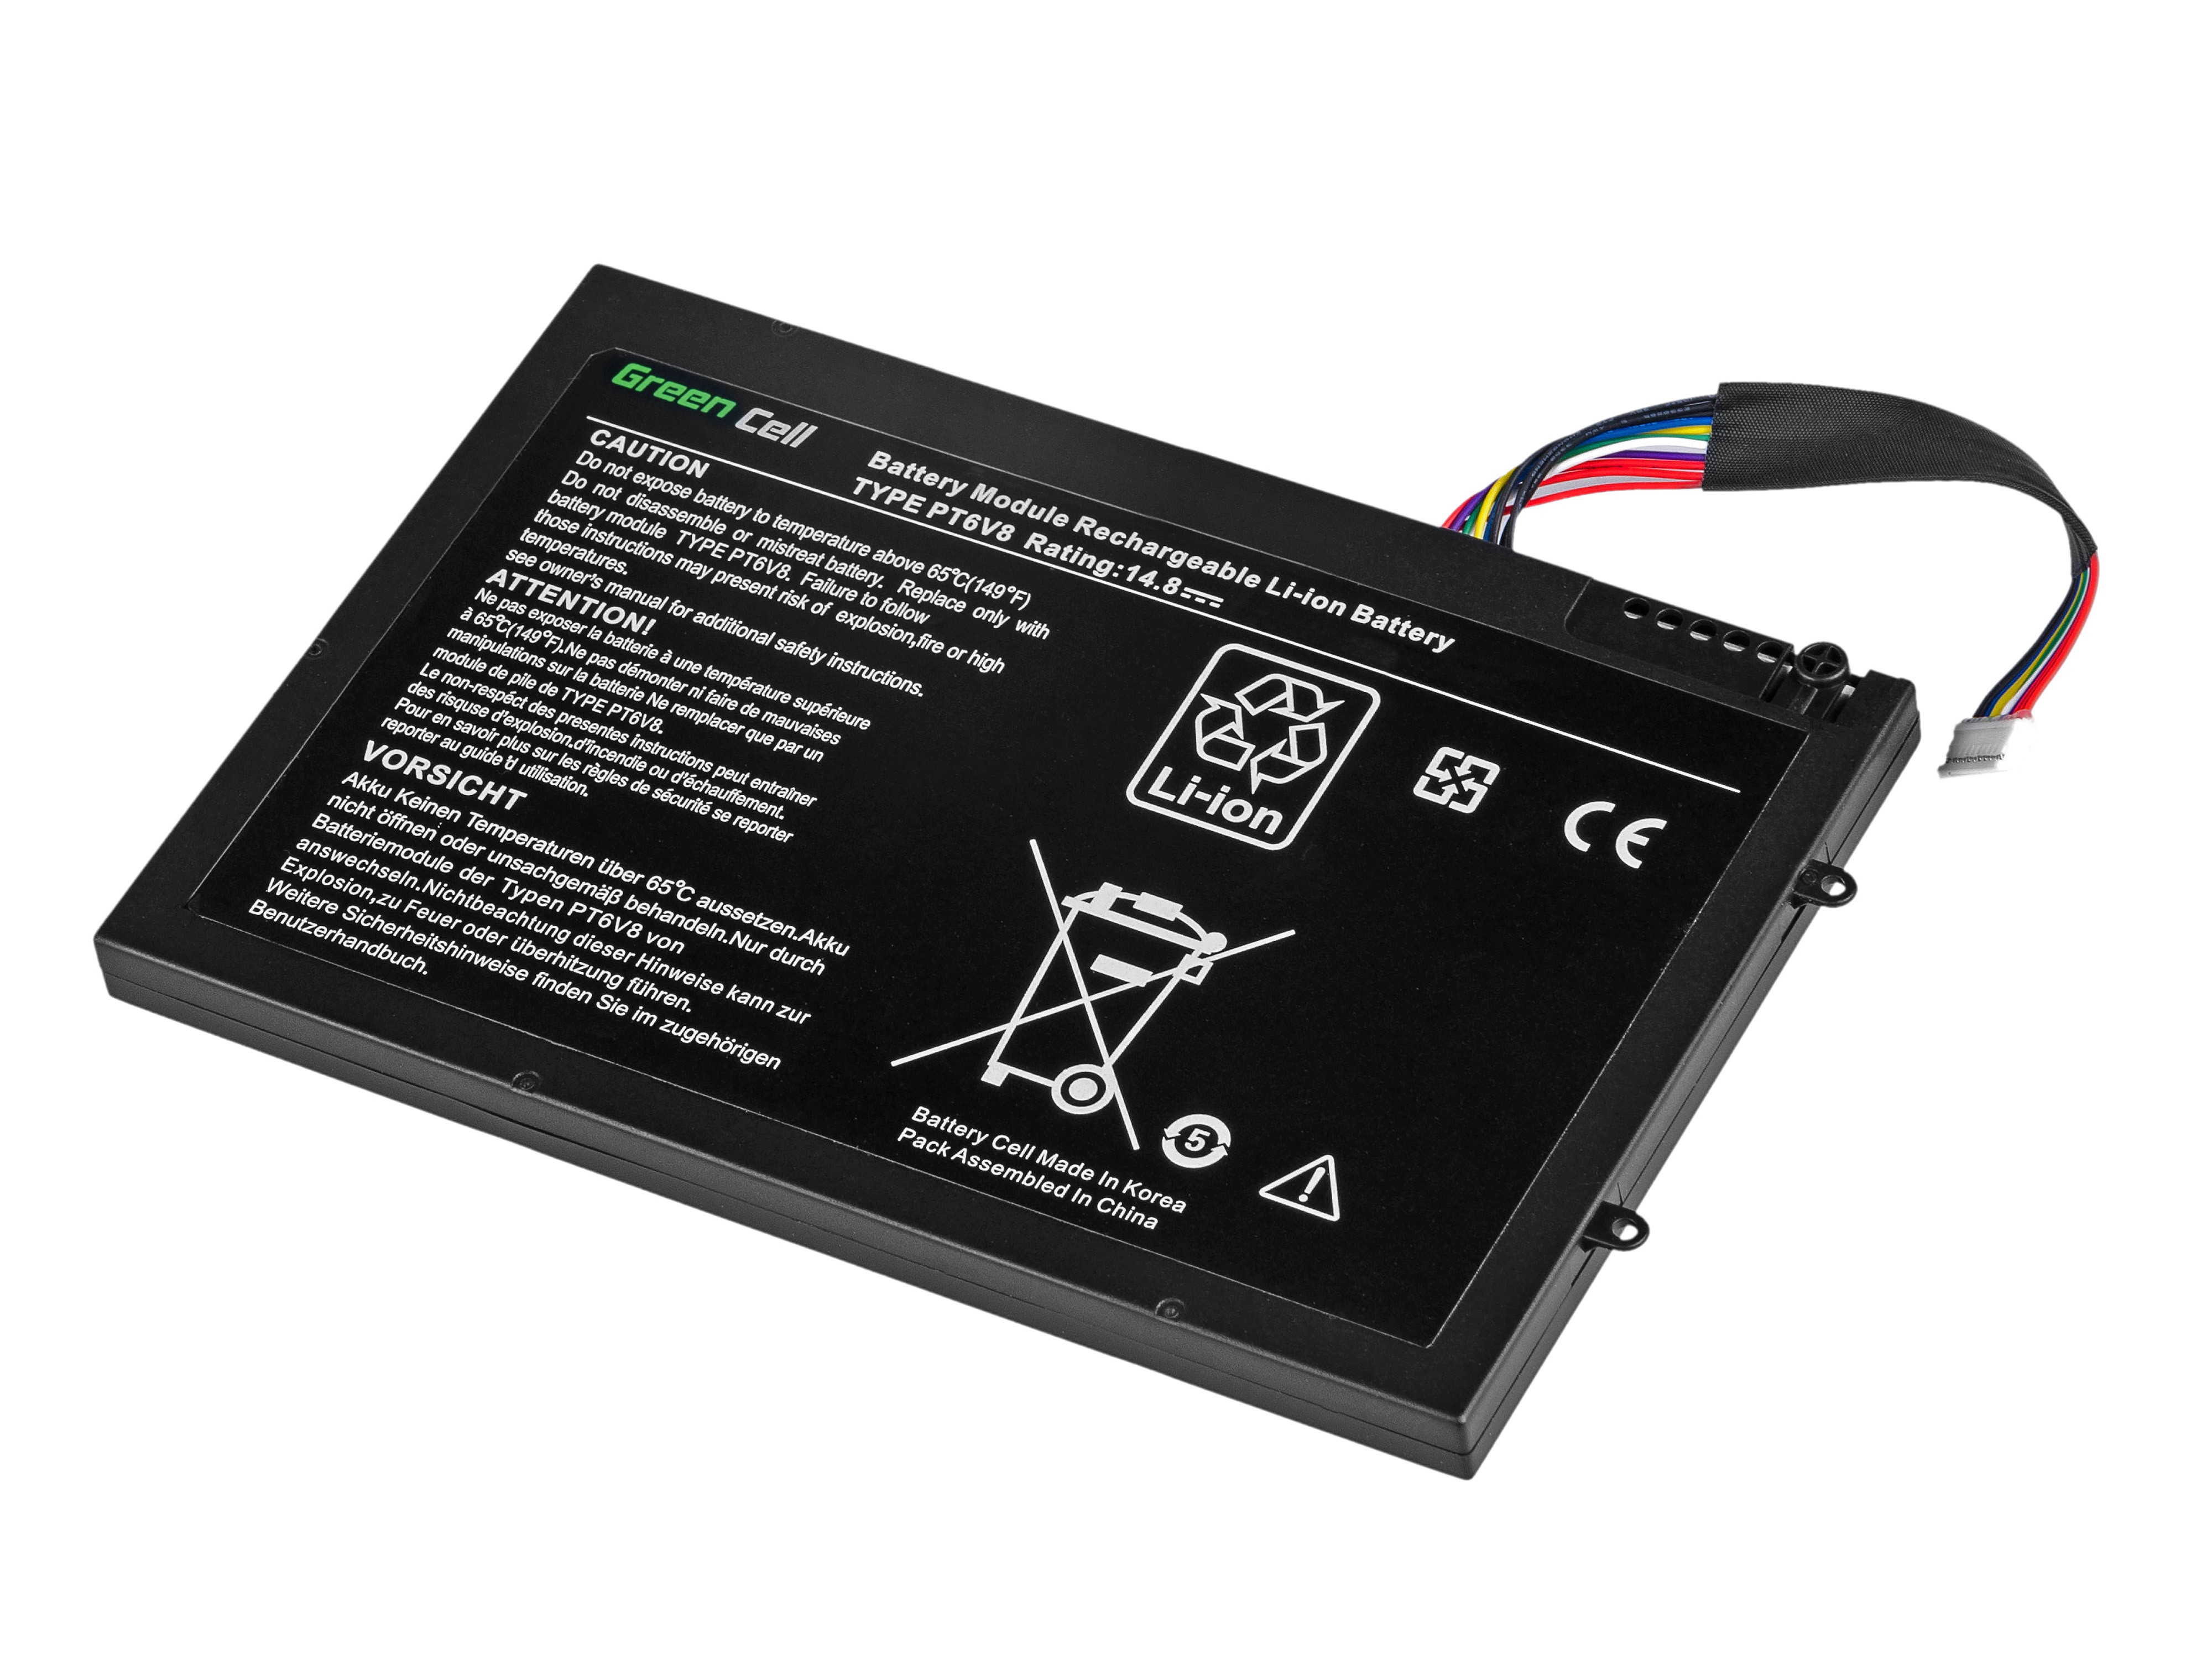 Green Cell DE113 Baterie Dell Alienware M11x R1 R2 R3 M14x R1 R2 R3 63Wh Li-Pol – neoriginální